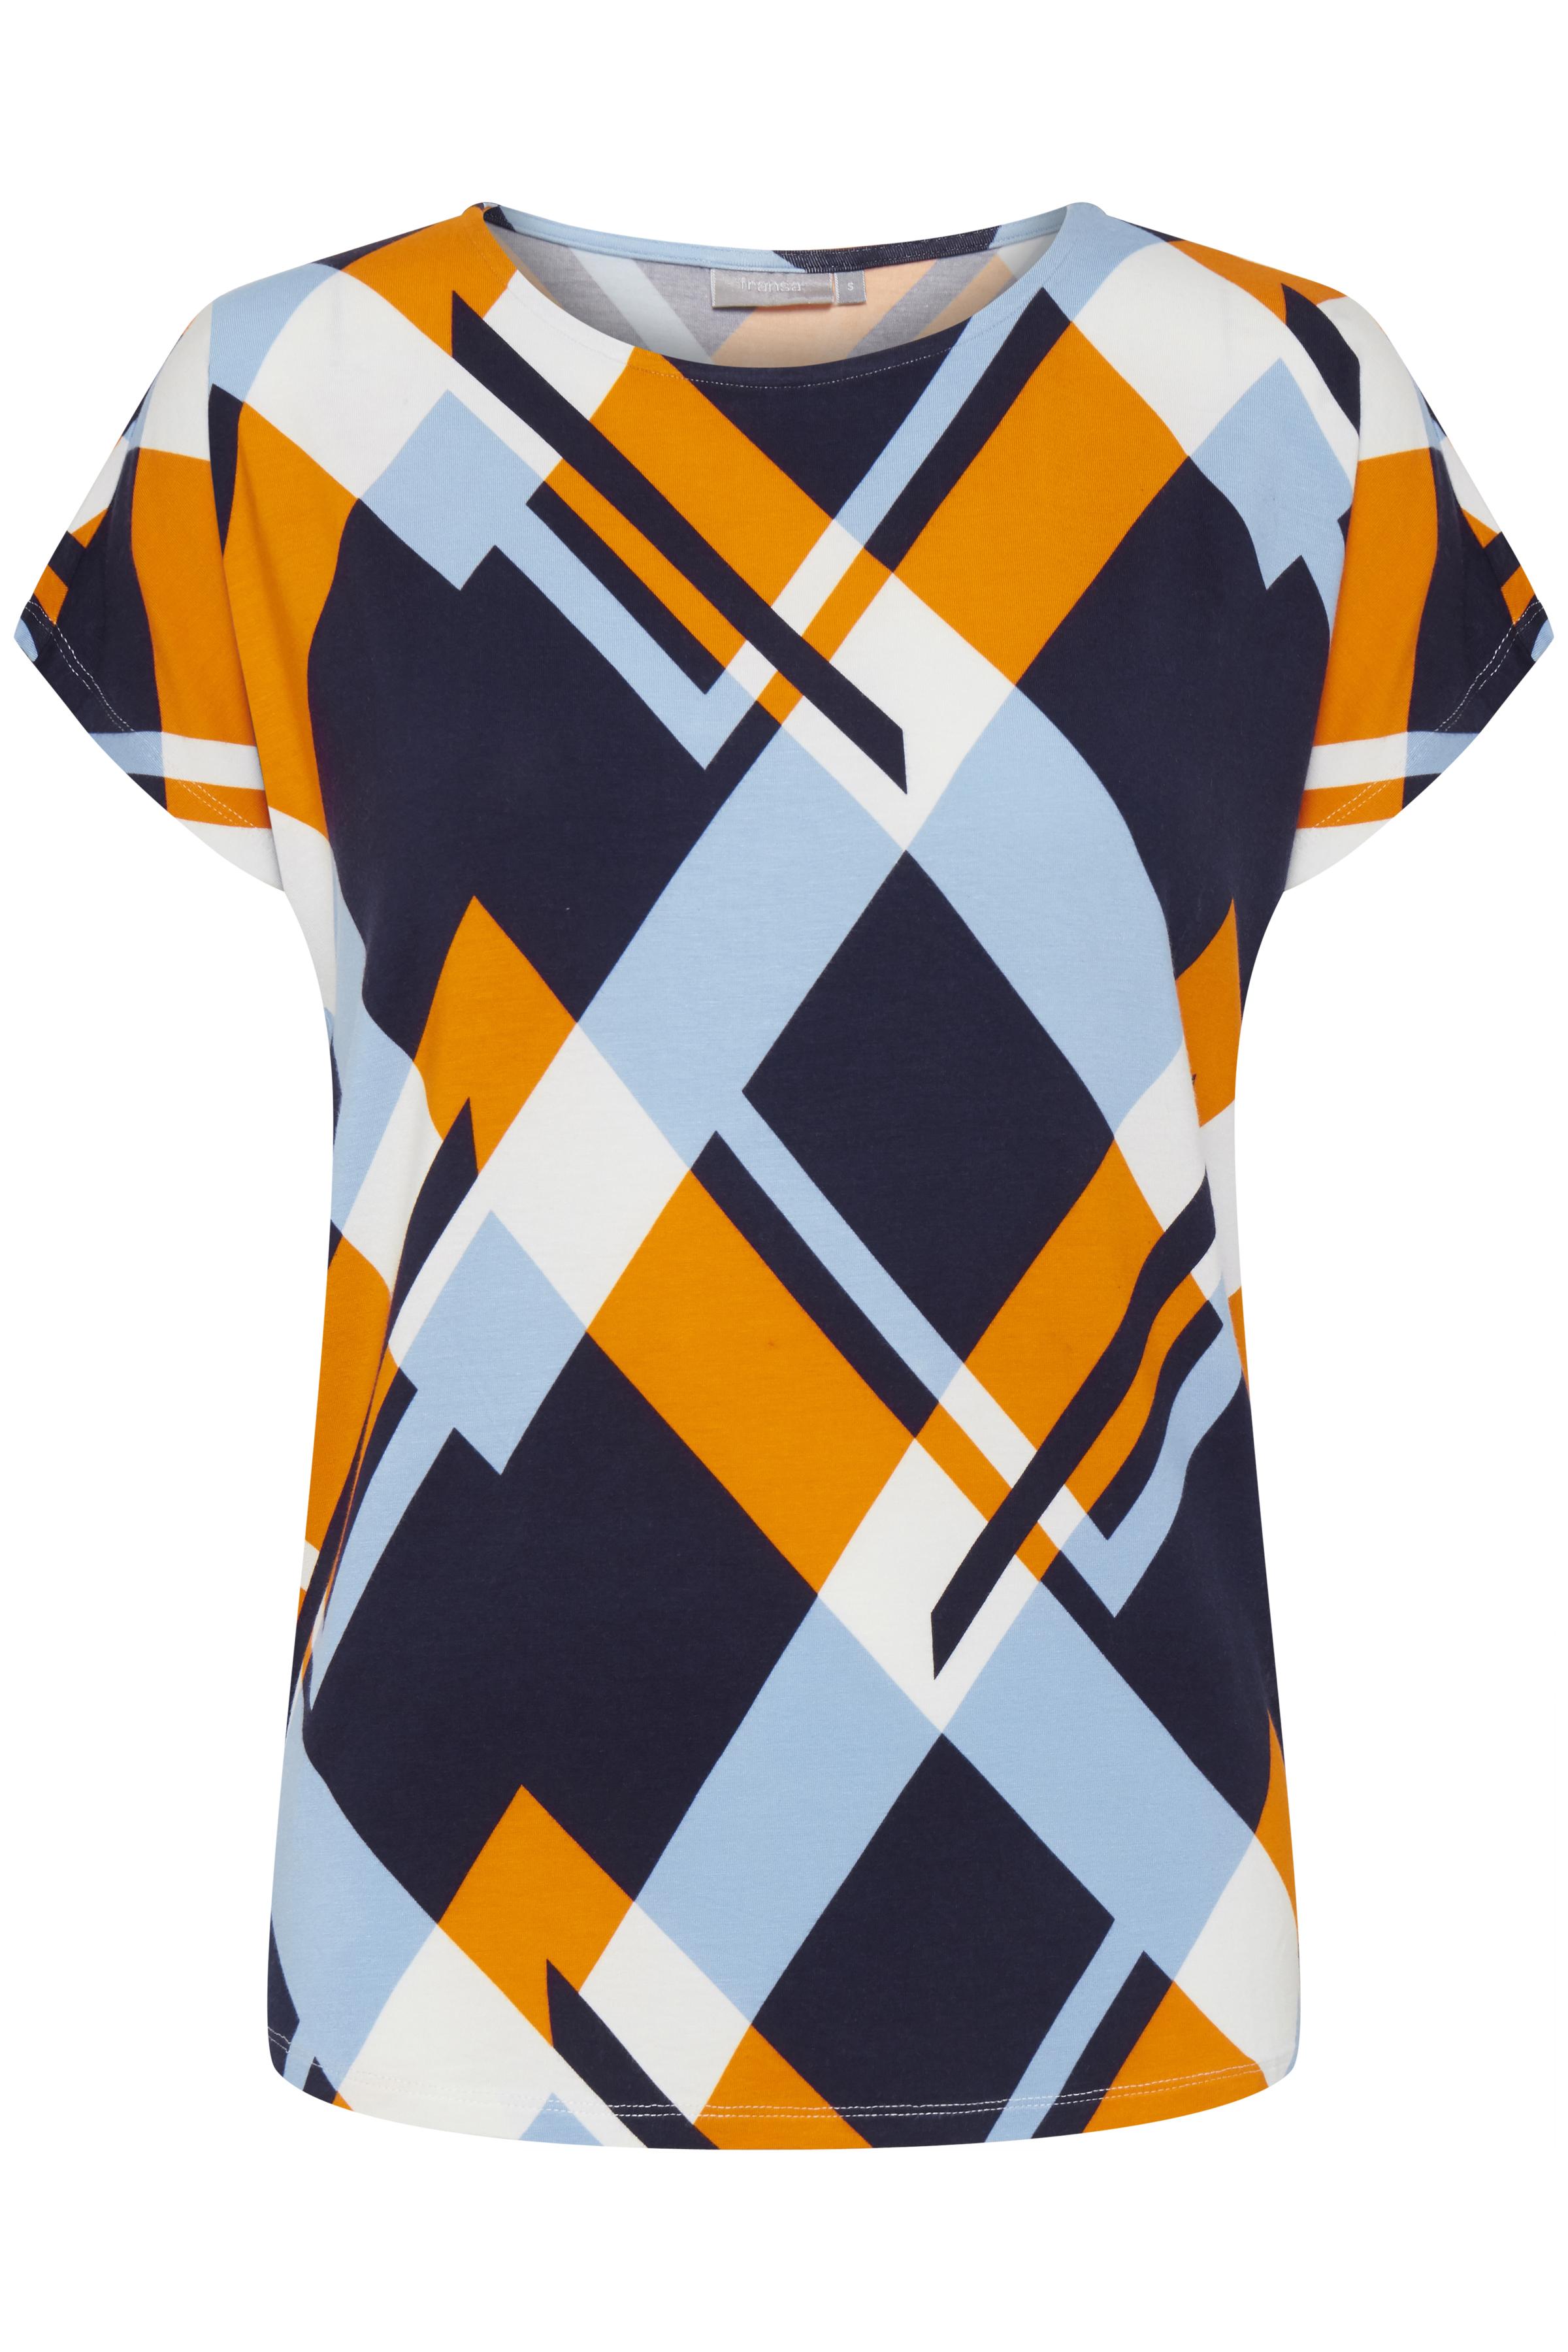 Marineblau/orange